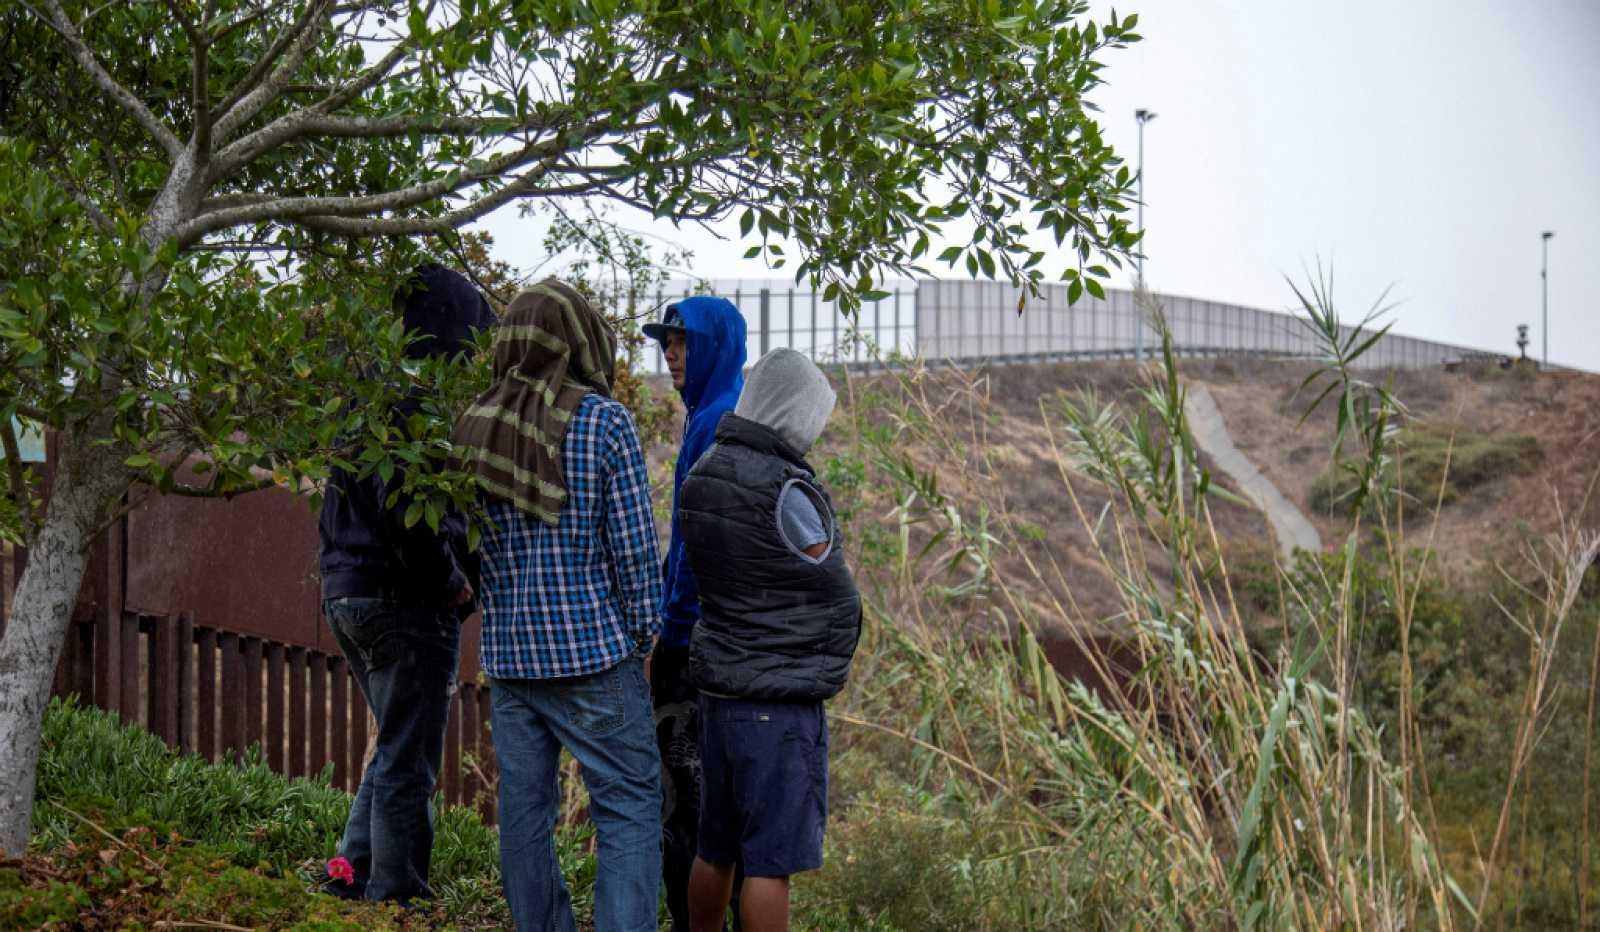 14 horas - Santos Chirino: el inmigrante hondureño asesinado tras su deportación - Escuchar ahora